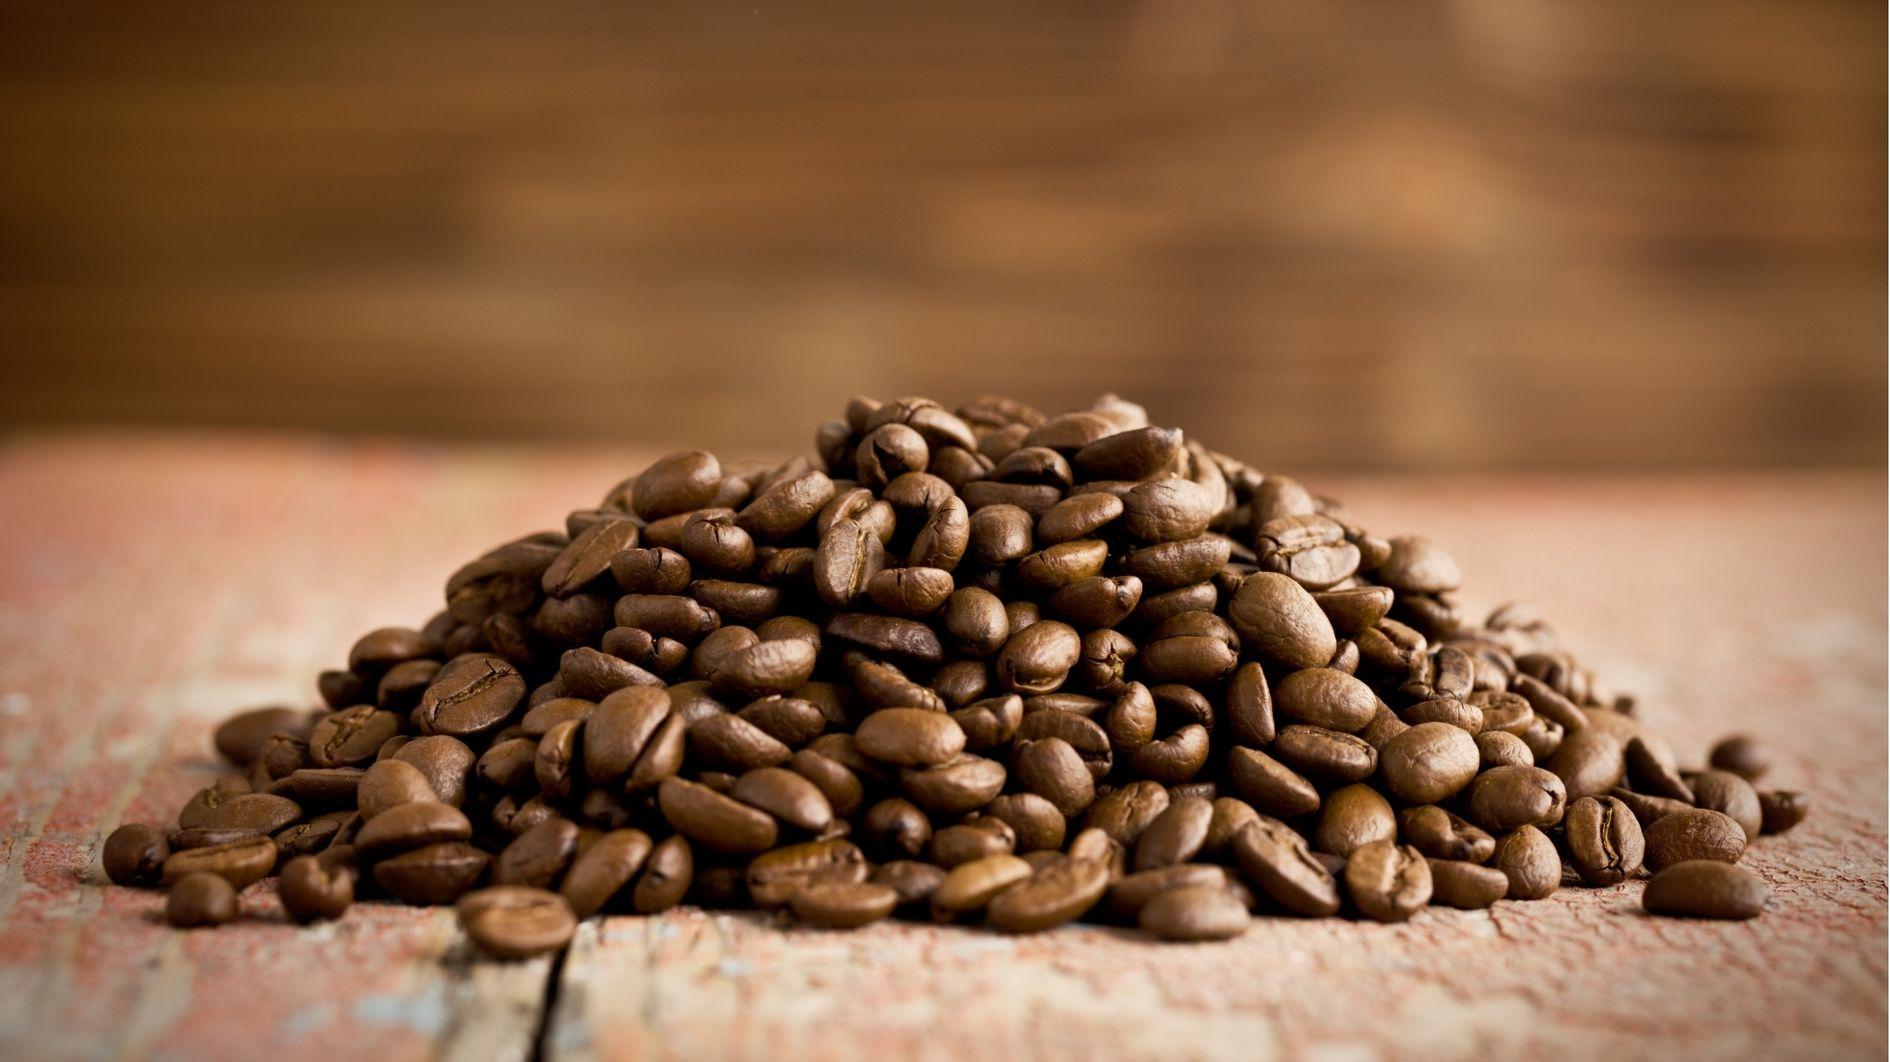 カフェインで眠気を吹き飛ばしても単純作業の効率しか上がらなかったとの研究結果が発表!